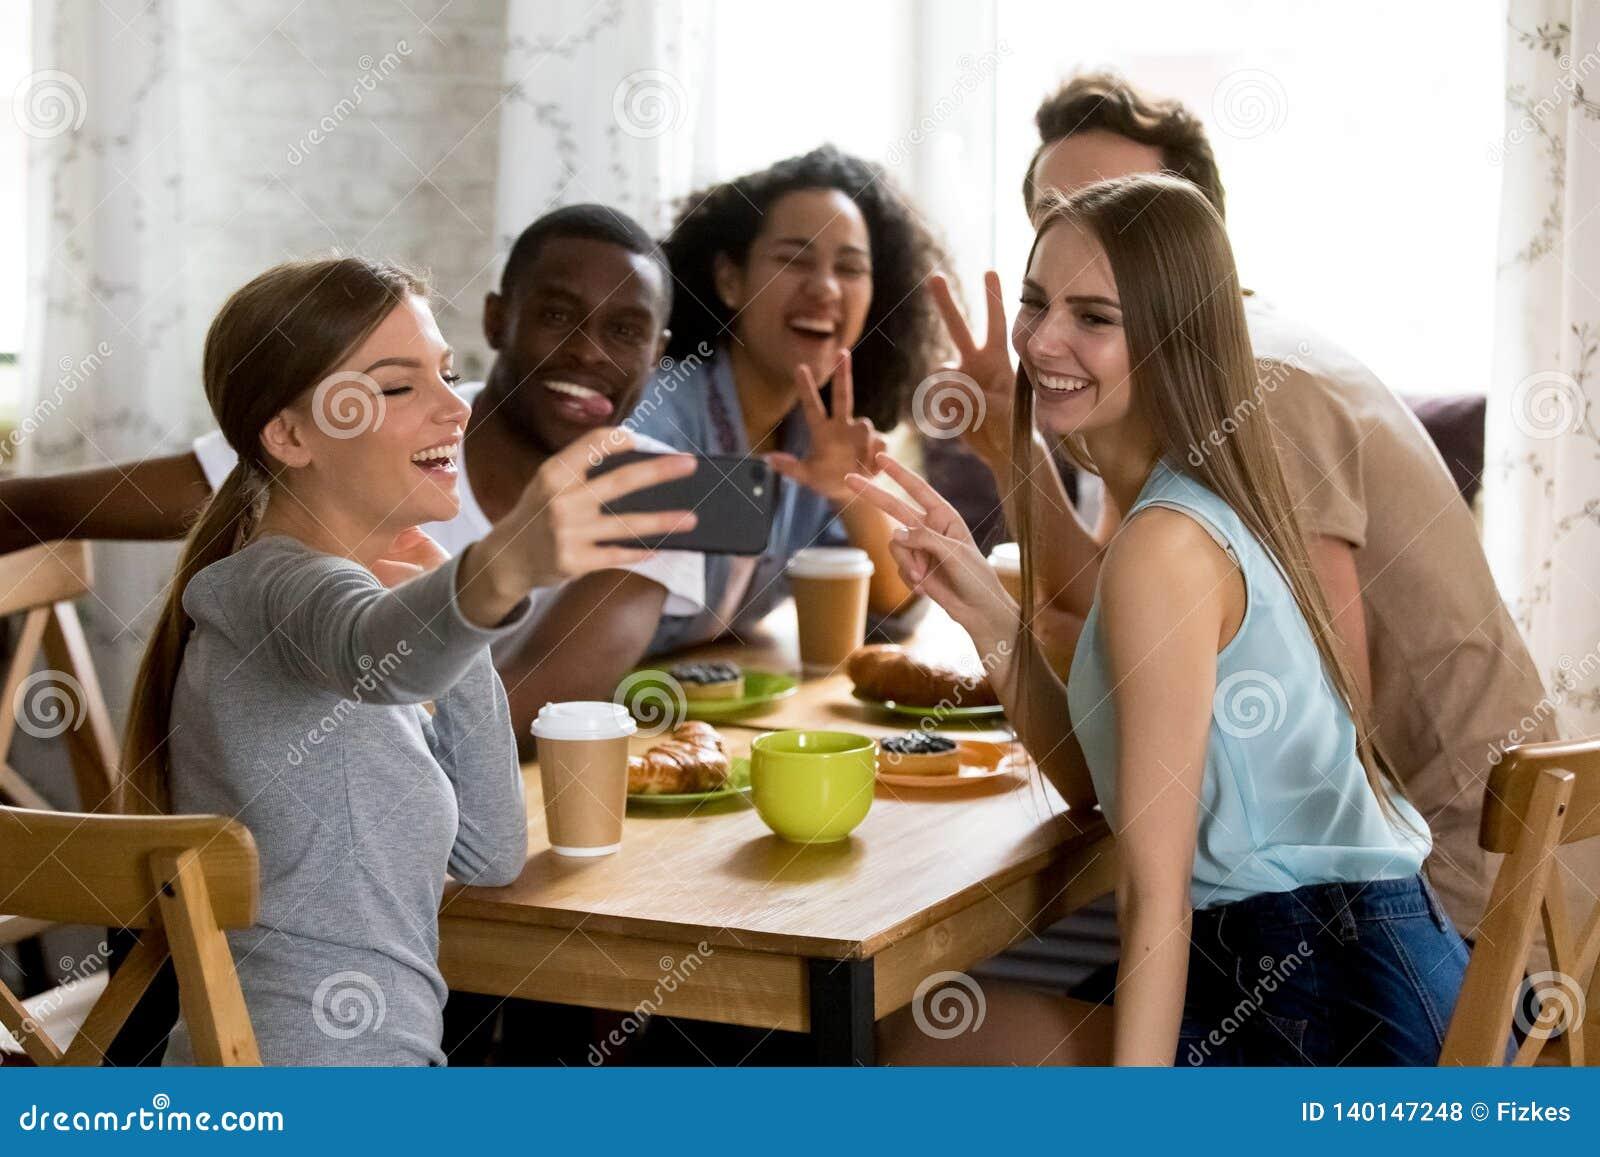 Gelukkige multiraciale vrienden die grappige selfiefoto maken, die video registreren